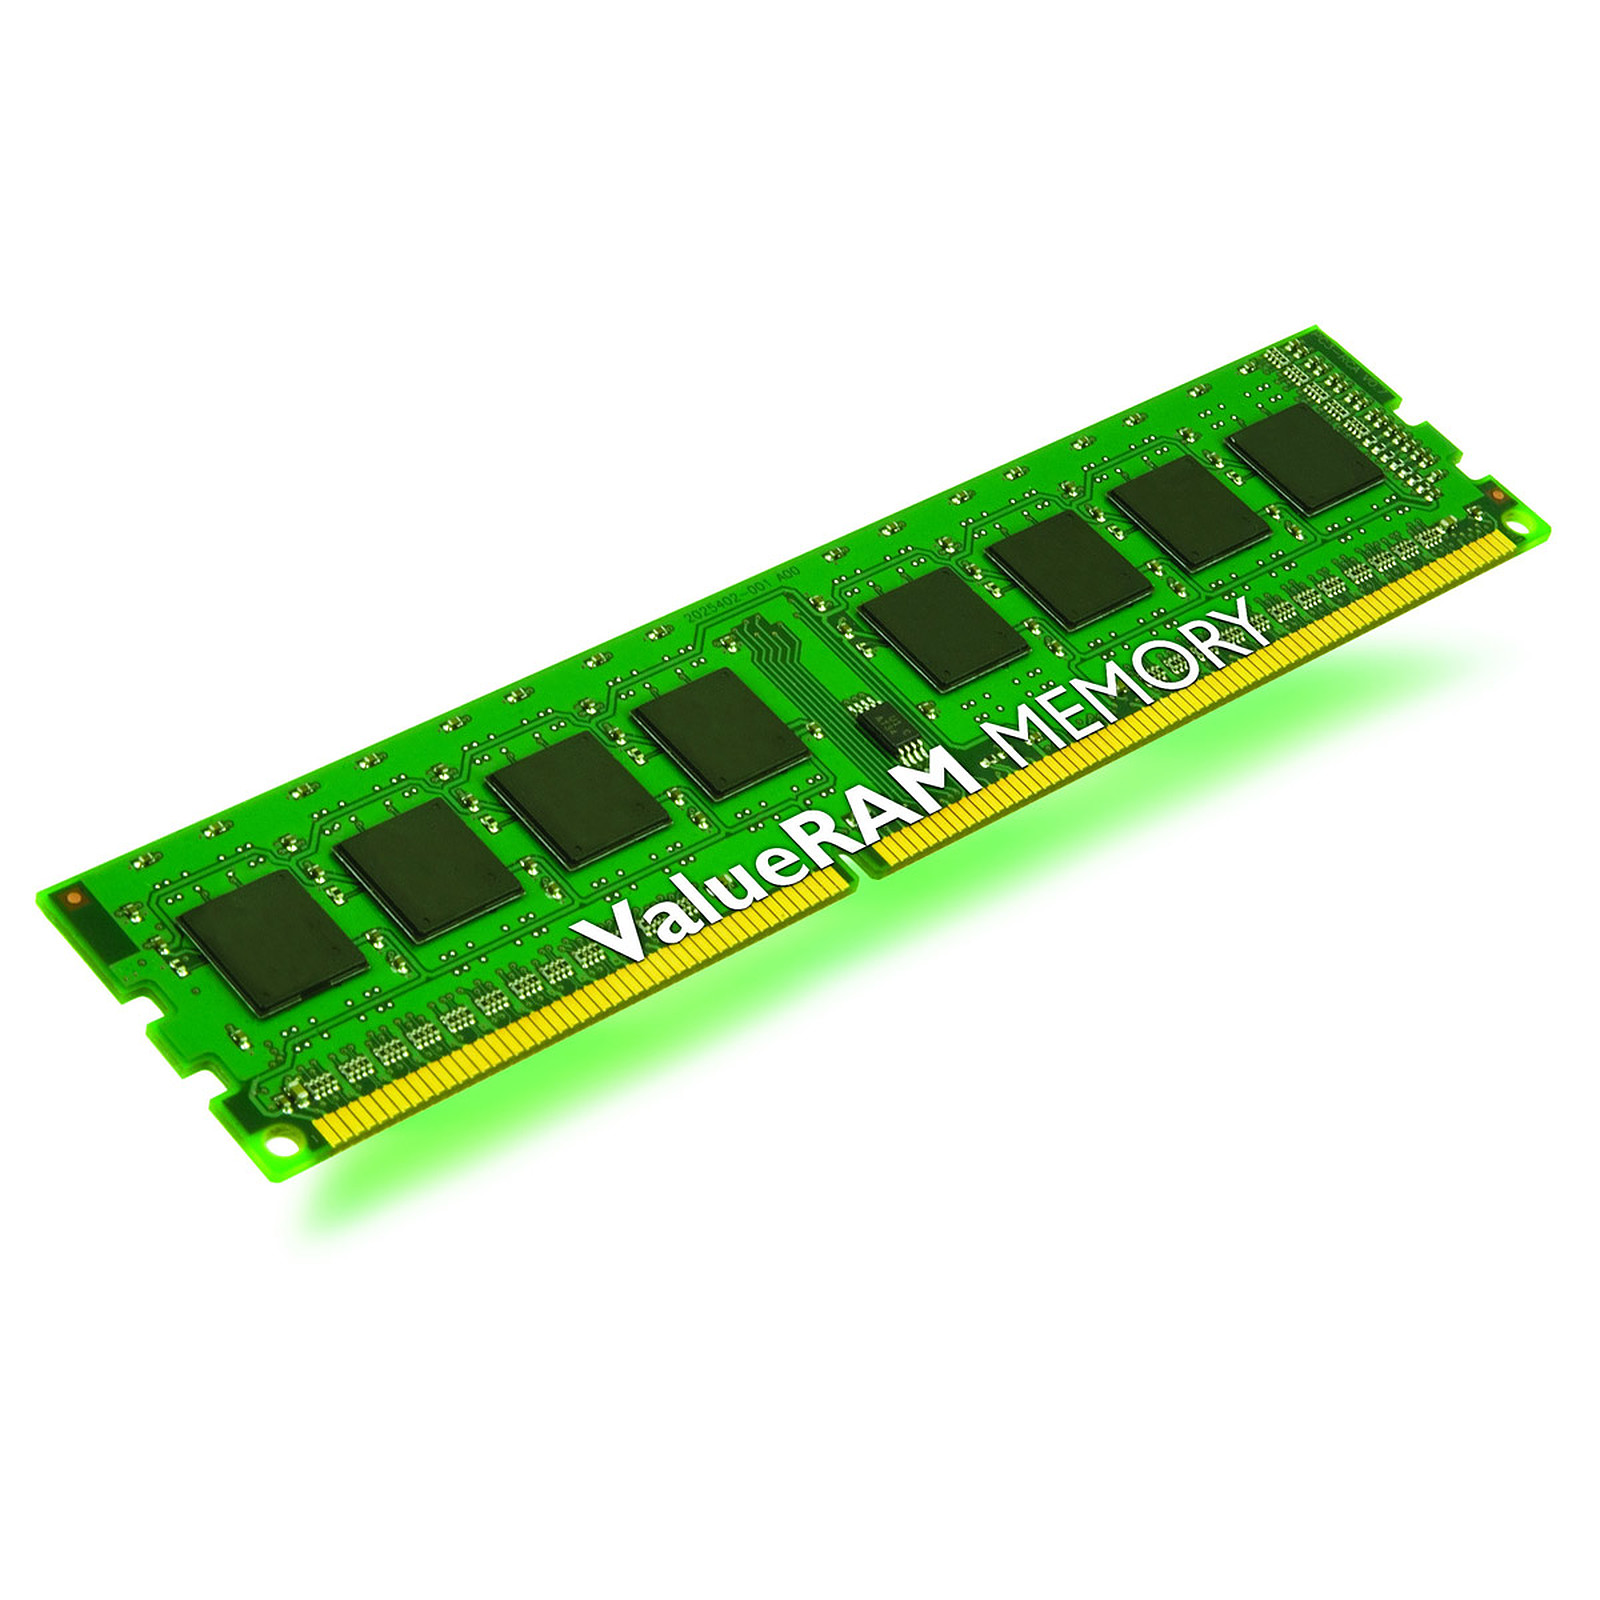 Barrette de RAM DDR3 1600MHz